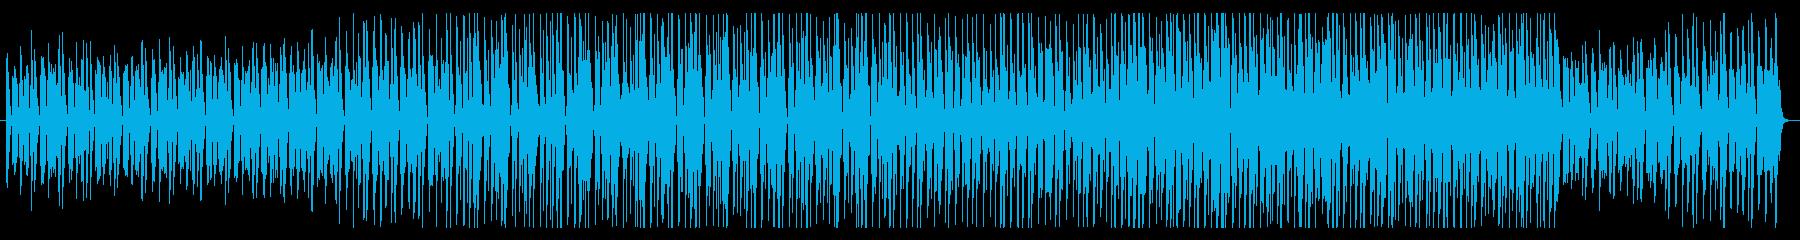 グルーヴ感のあるお洒落なBGMの再生済みの波形